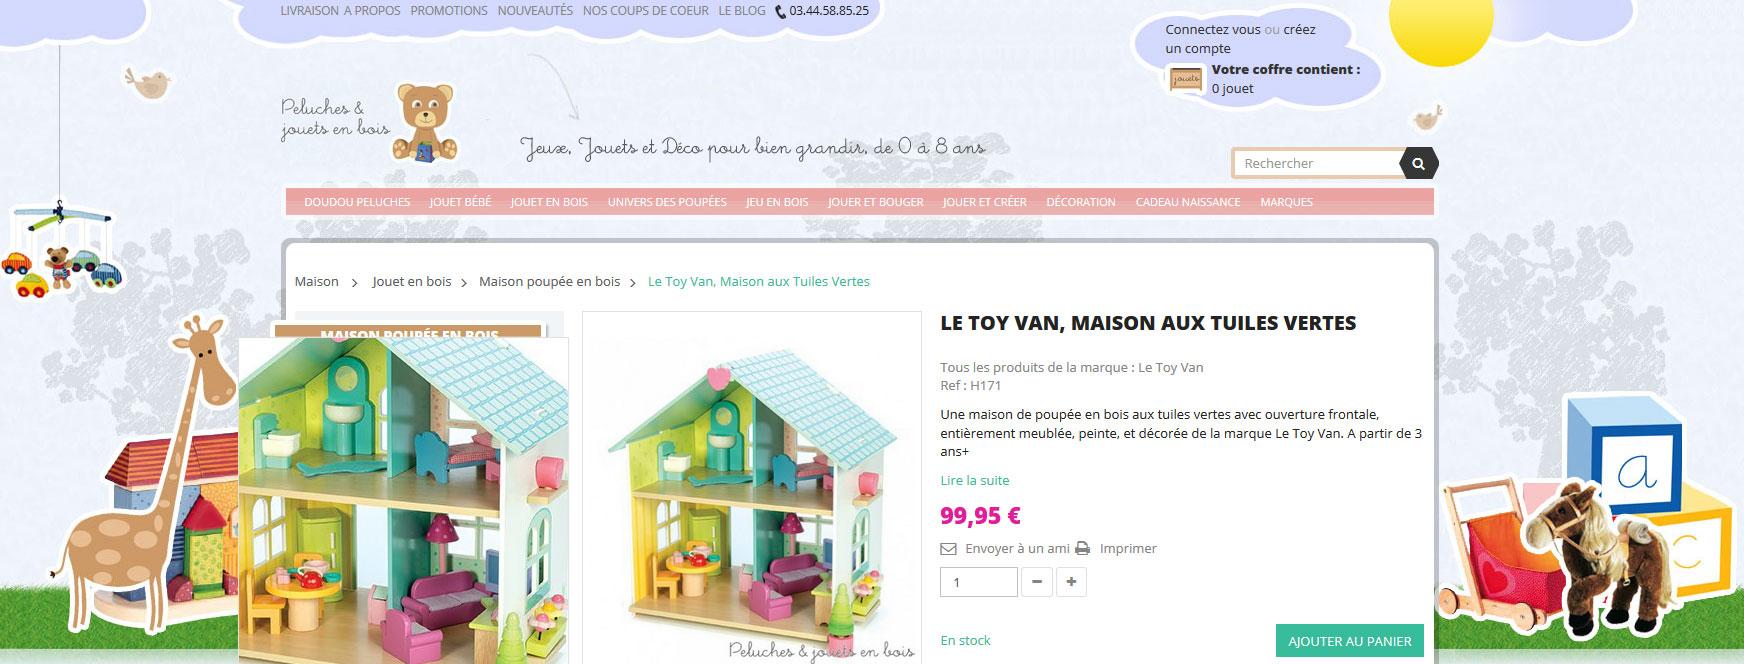 Une maison de poupée en bois aux tuiles vertes avec ouverture frontale, entièrement meublée, peinte, et décorée de la marque Le Toy Van. A partir de 3 ans+